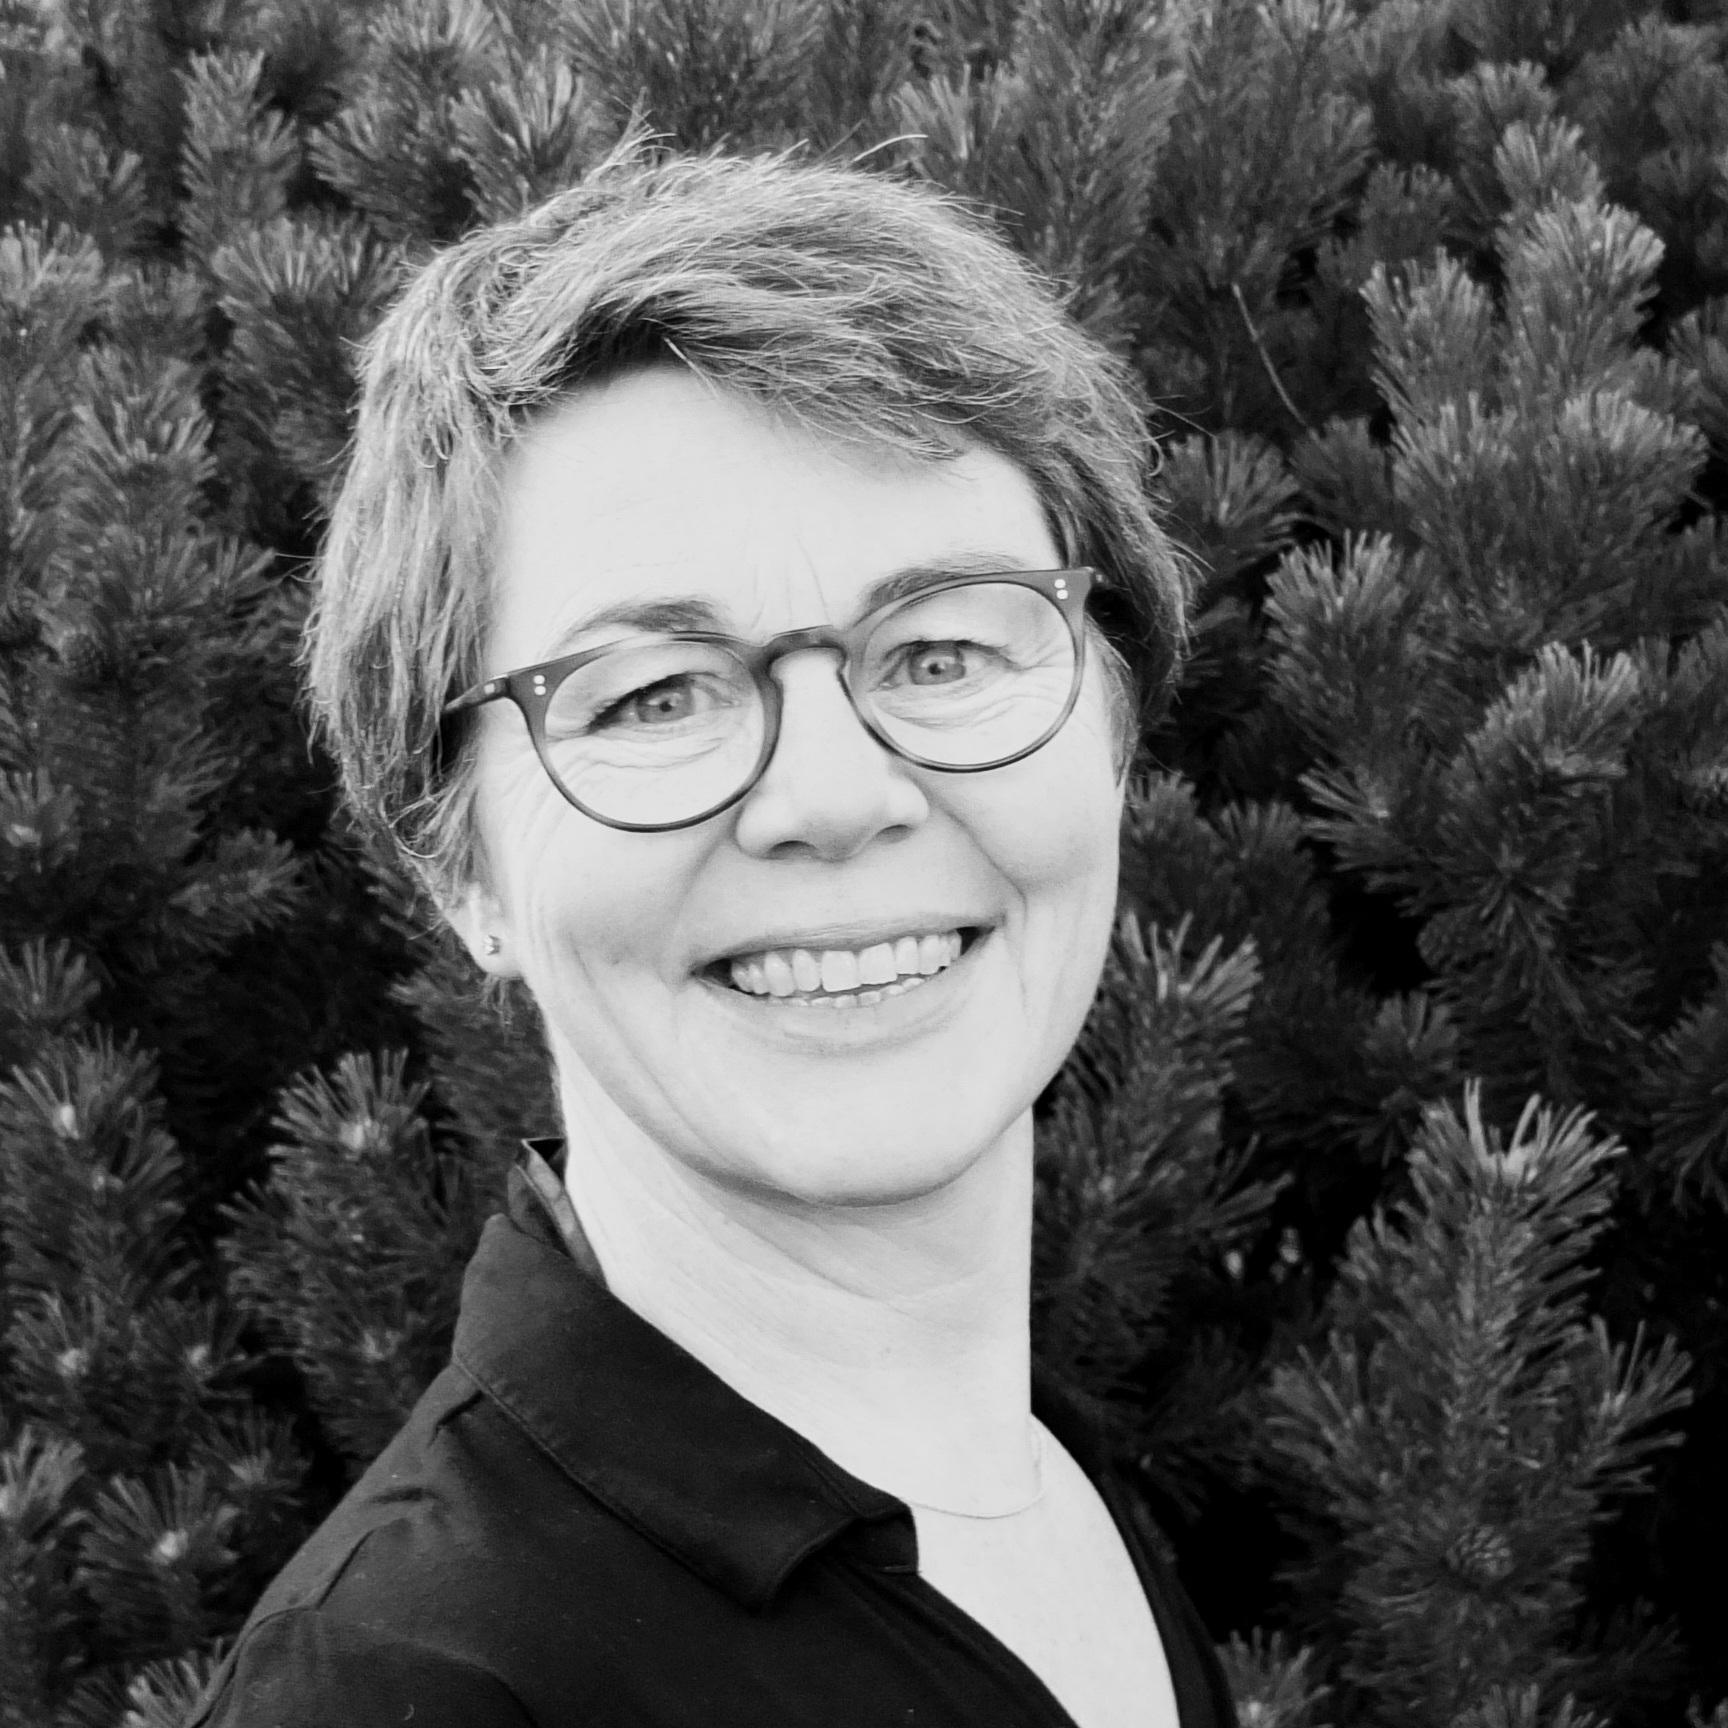 Marianne Mikkelsen  Titel: Projektleder og konsulent i 'Grønt'  Firma: Miklsn  Mail: marianne@miklsn.dk  Telefon: +45 24 94 63 23